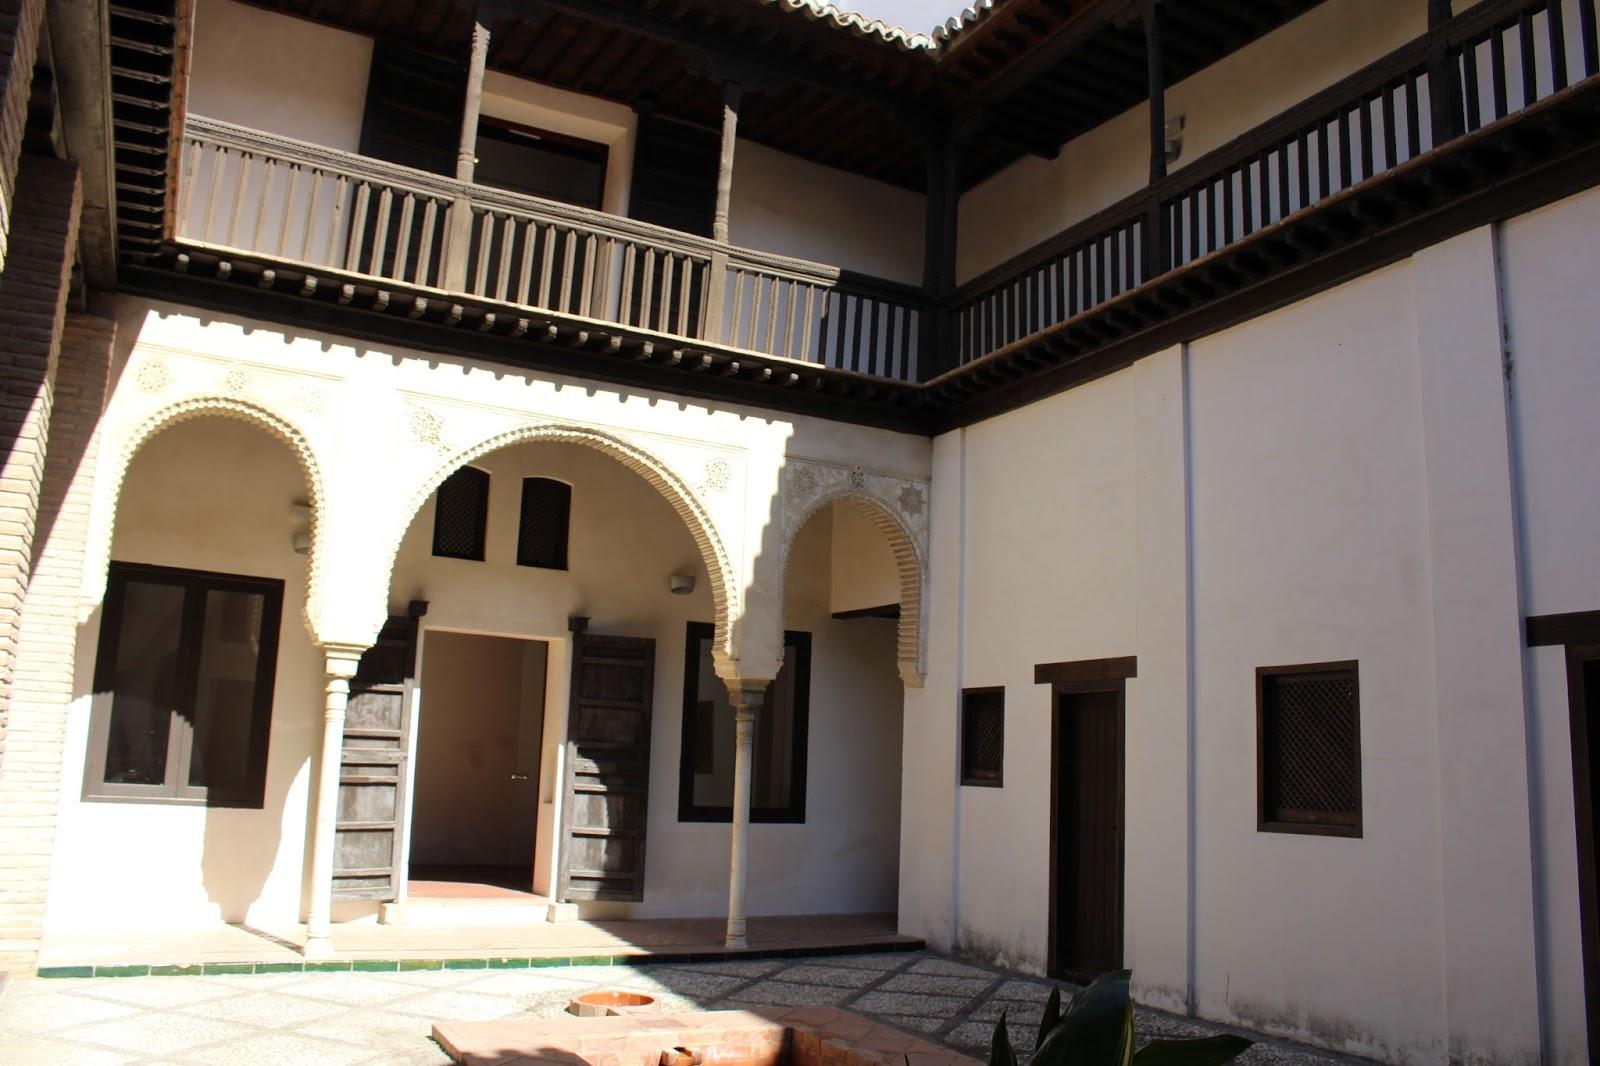 Frammenti di viaggi granada bagni arabi e casa moresca - Casa horno de oro ...